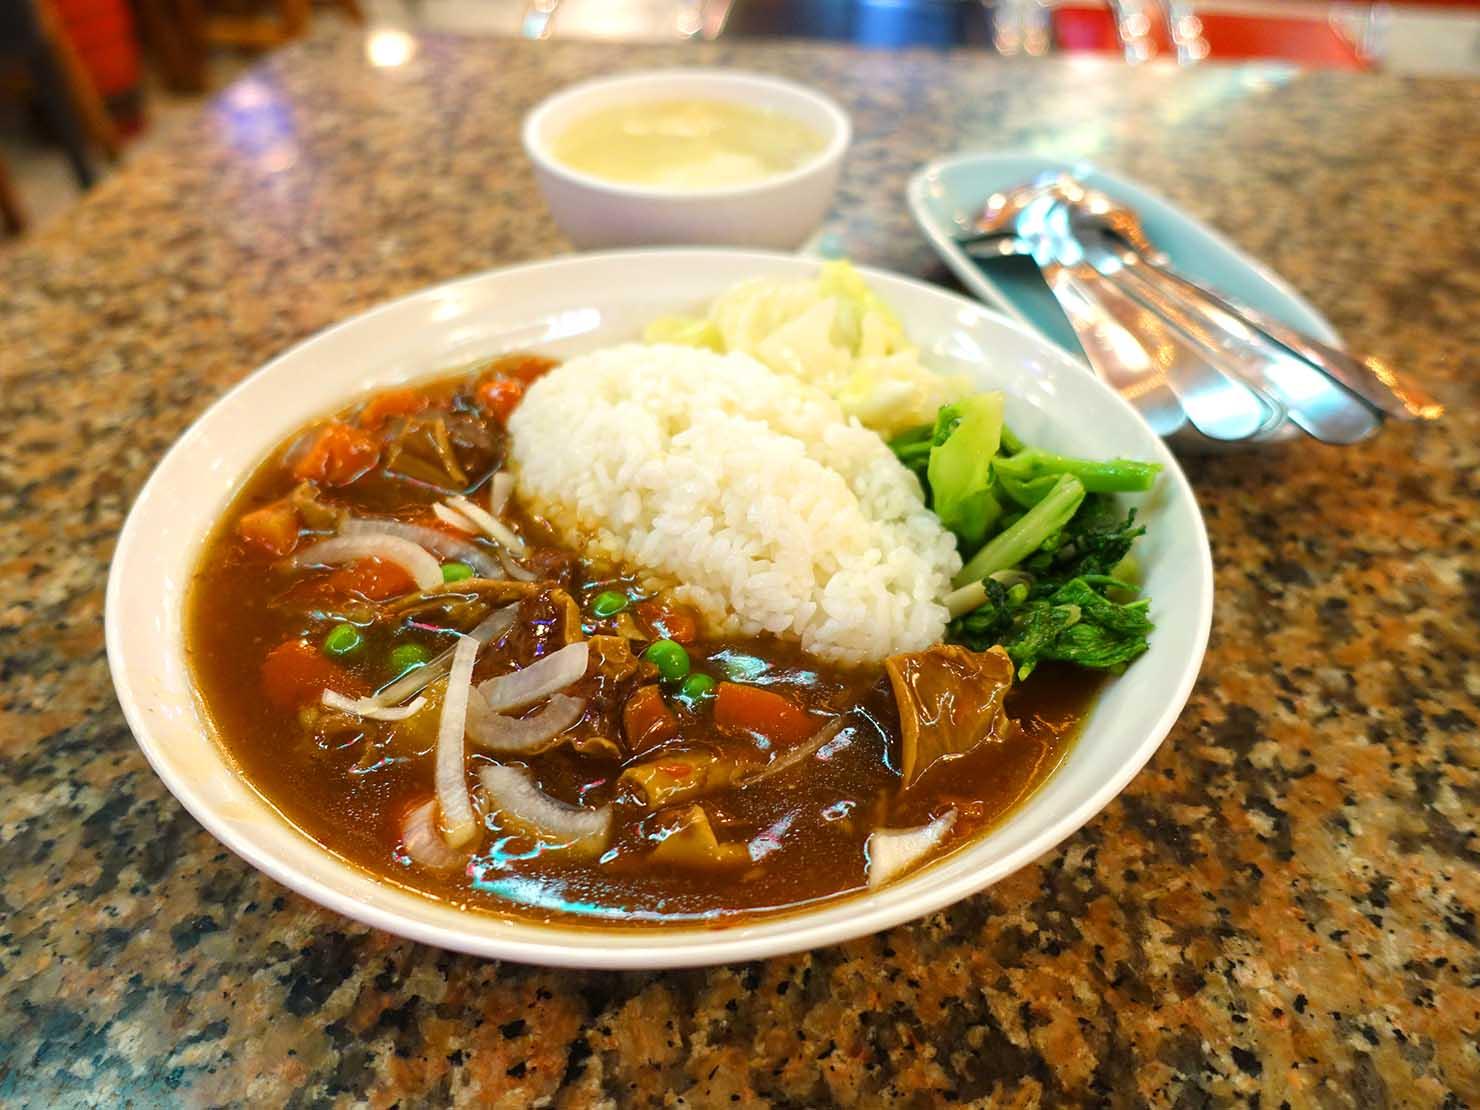 台北・西門町にある排骨飯の老舗「東一排骨總店」の牛腩飯(台湾式ハヤシライス)